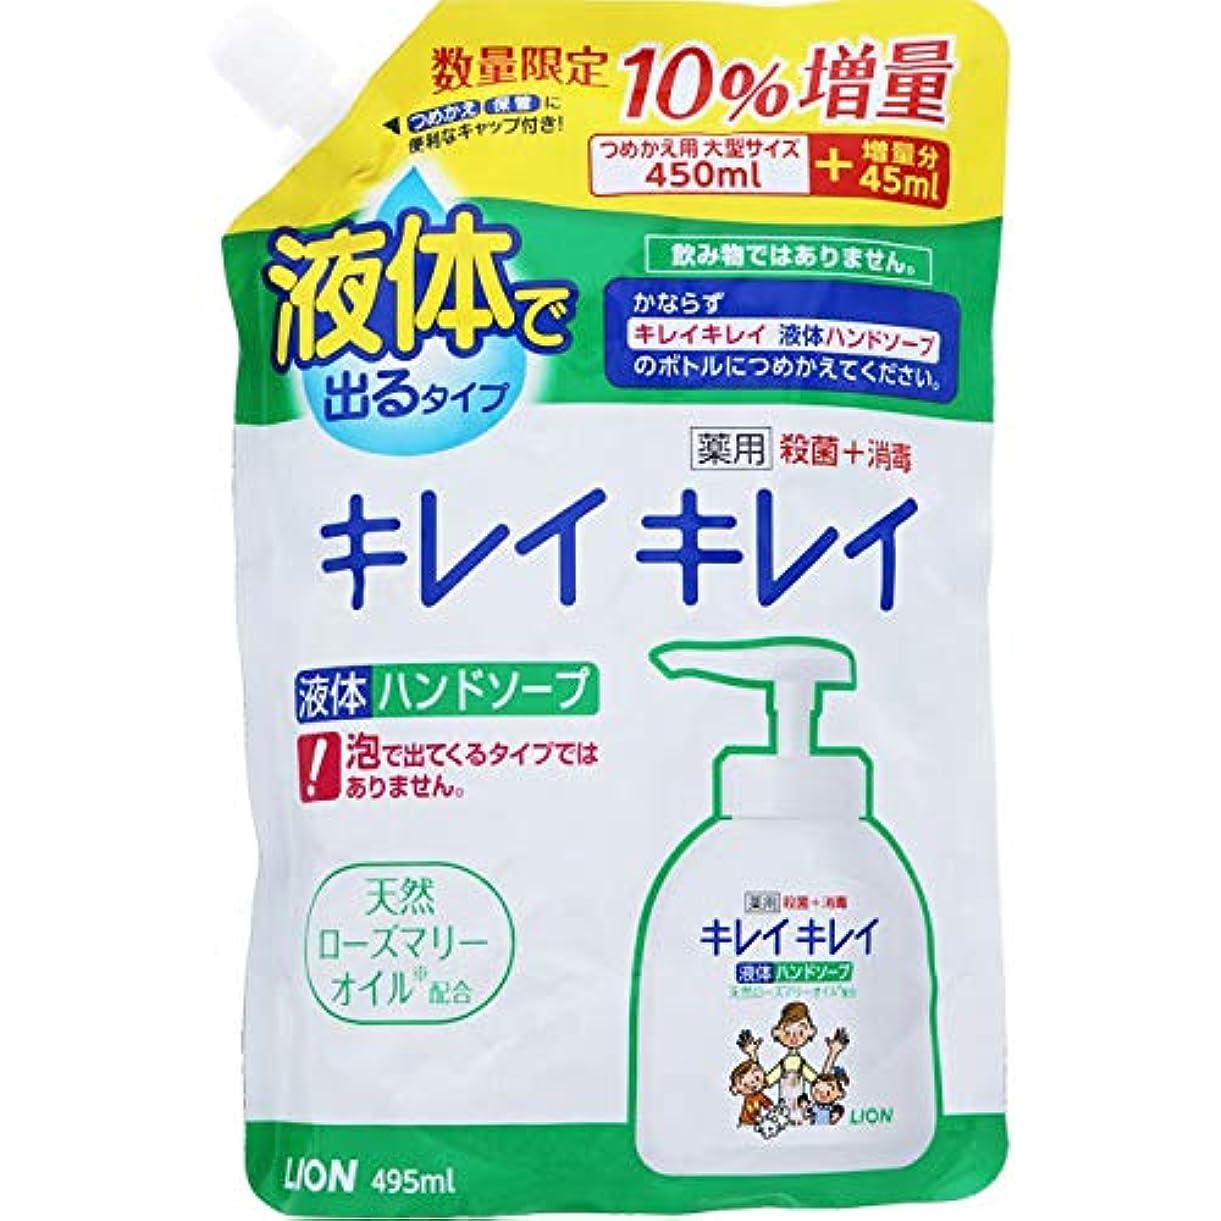 いとこ移民応用ライオン キレイキレイ 薬用ハンドソープ 詰替用大型増量 450+45ml